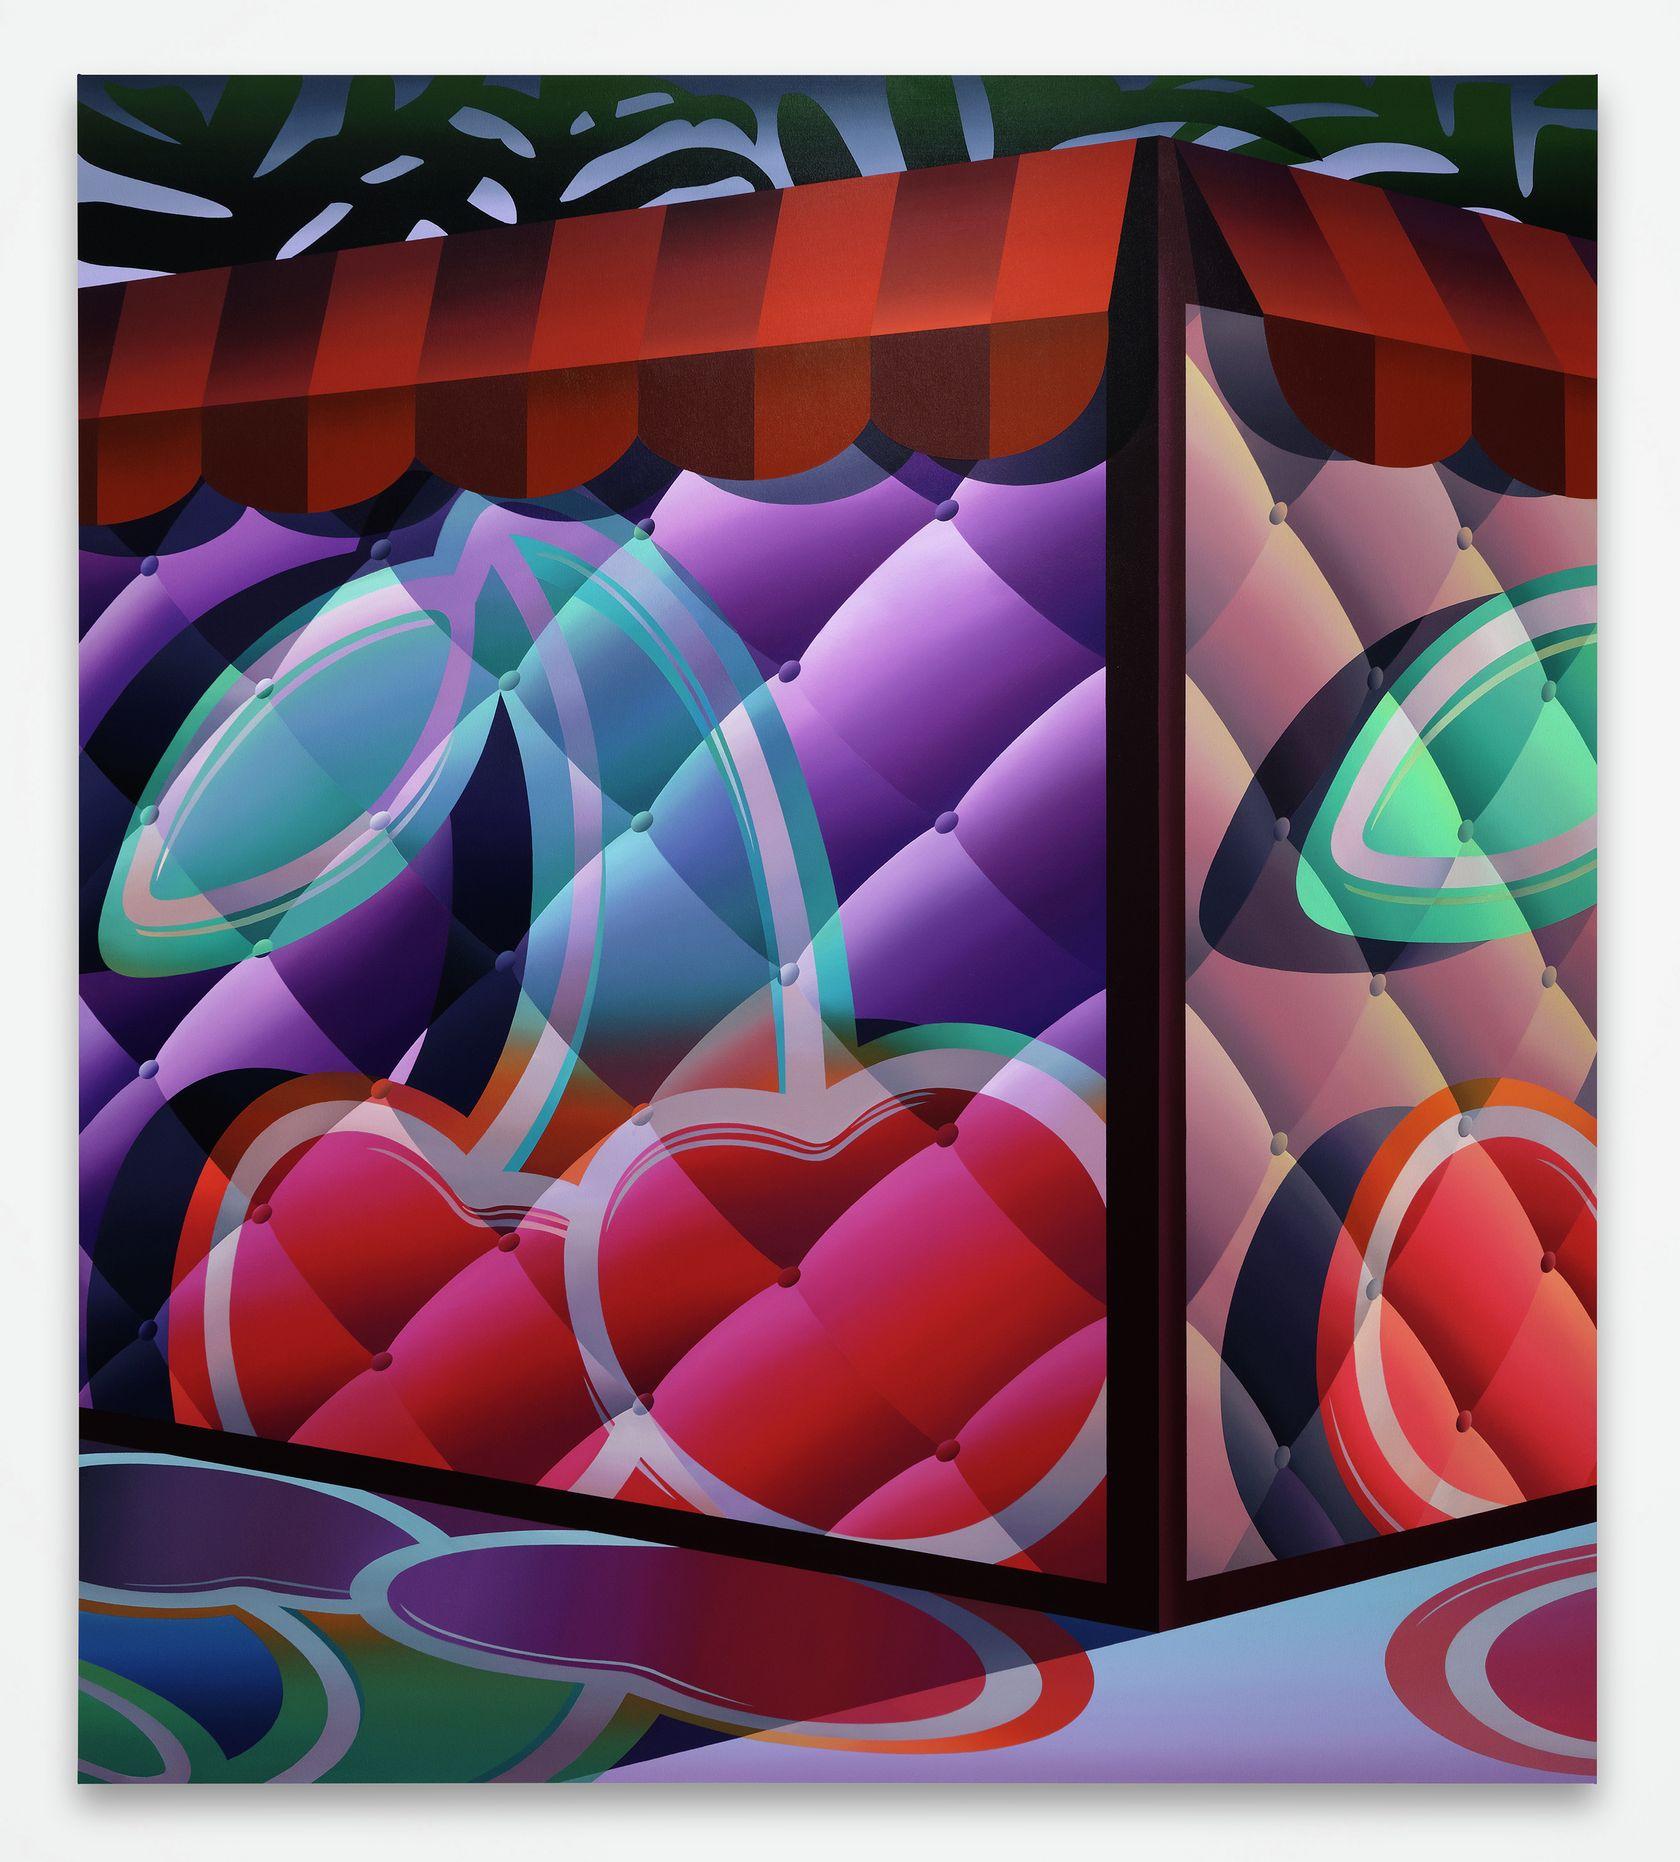 Amélie Bertrand, Candyshop, 2021 Huile sur toile180 × 160 cm / 70 7/8 × 63  in.